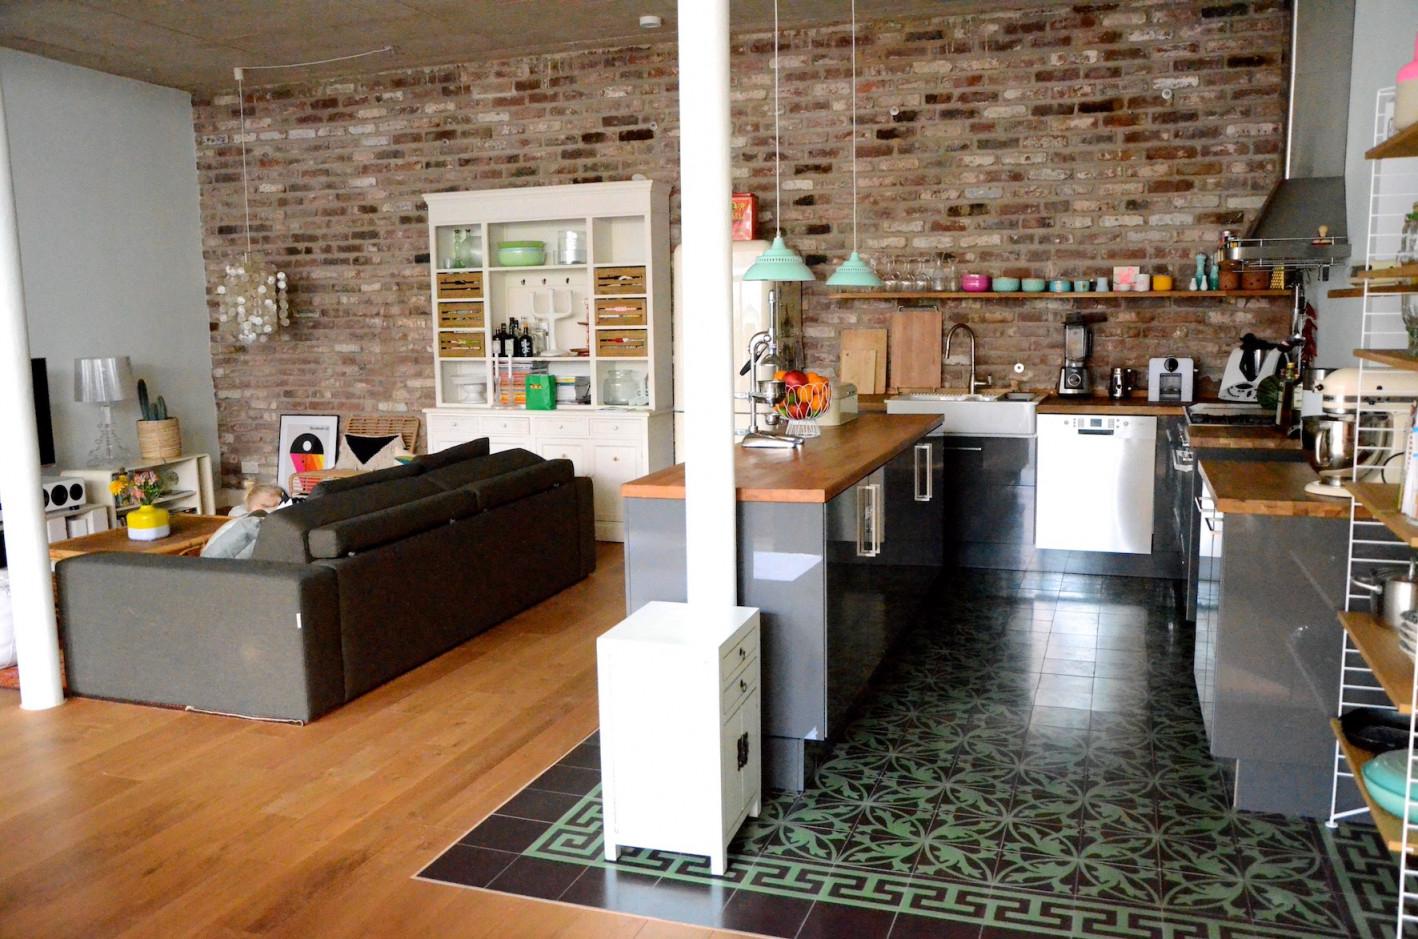 Projekt Loftausbau  Wie Man Eine Offene Küche Perfekt Ins von Wohnzimmer Mit Offener Küche Bilder Bild